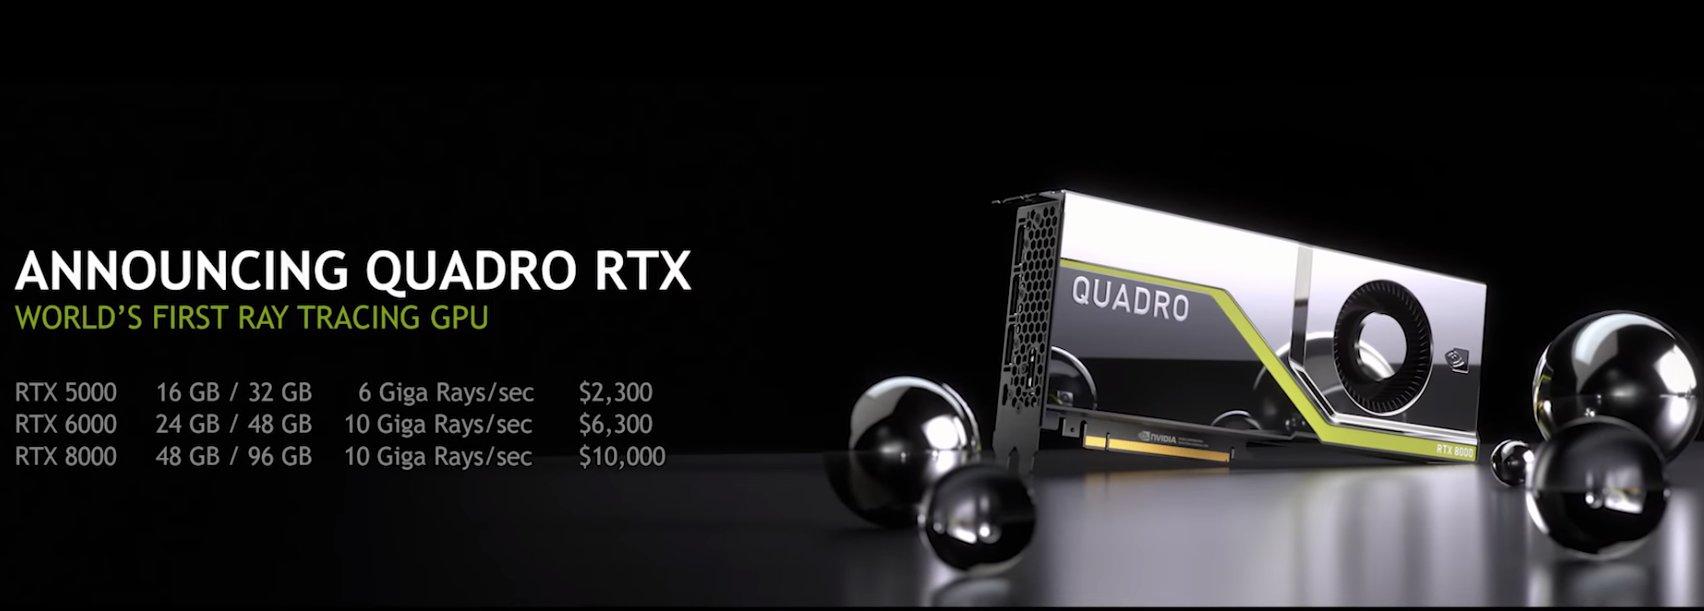 Preise der Nvidia Quadro RTX 5000/6000/8000